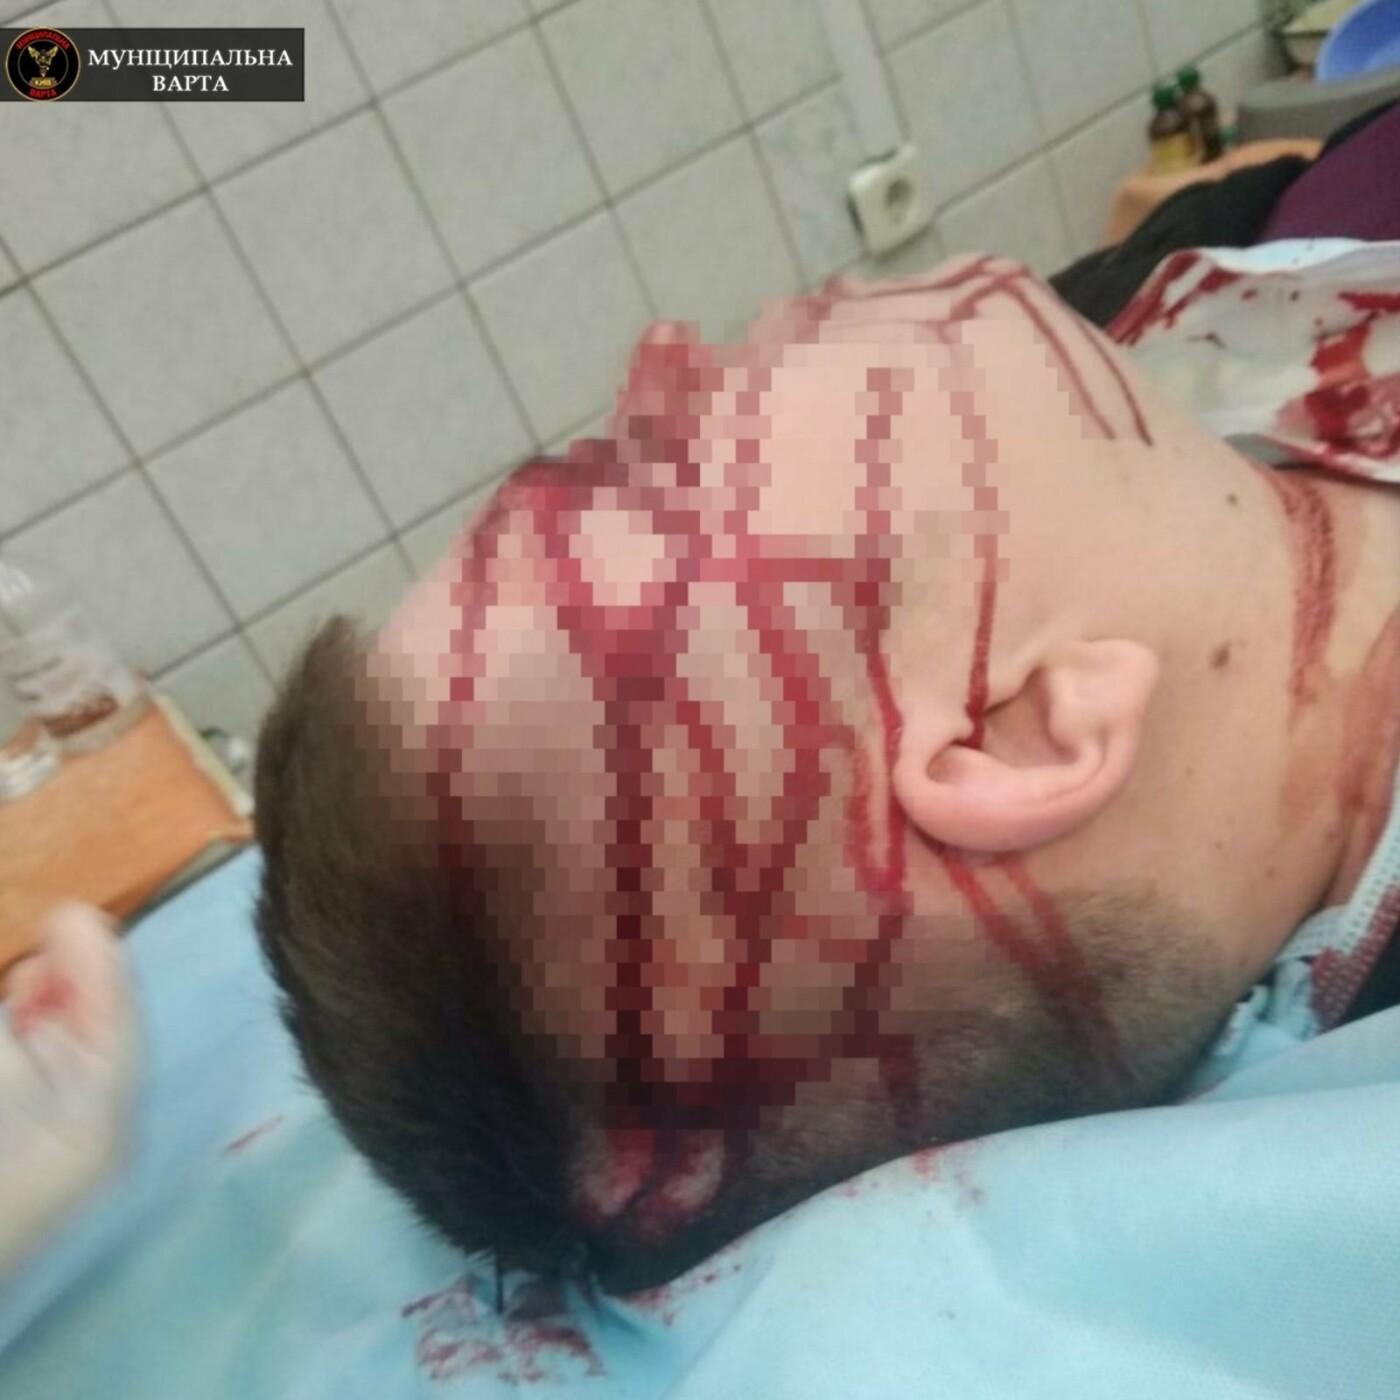 Перелом костей и сотрясение: в Киеве пациент жестоко избил врача, ФОТО, фото-2, Фото Муниципальной варты